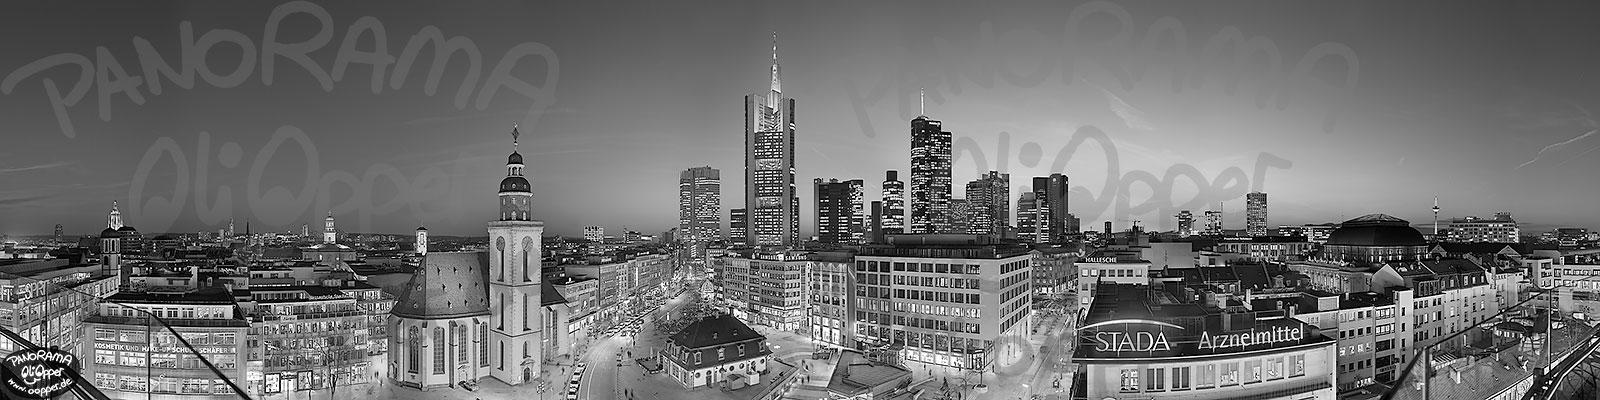 Frankfurt am Main  Blick auf die Sykline von der Zeilgalerie aus in